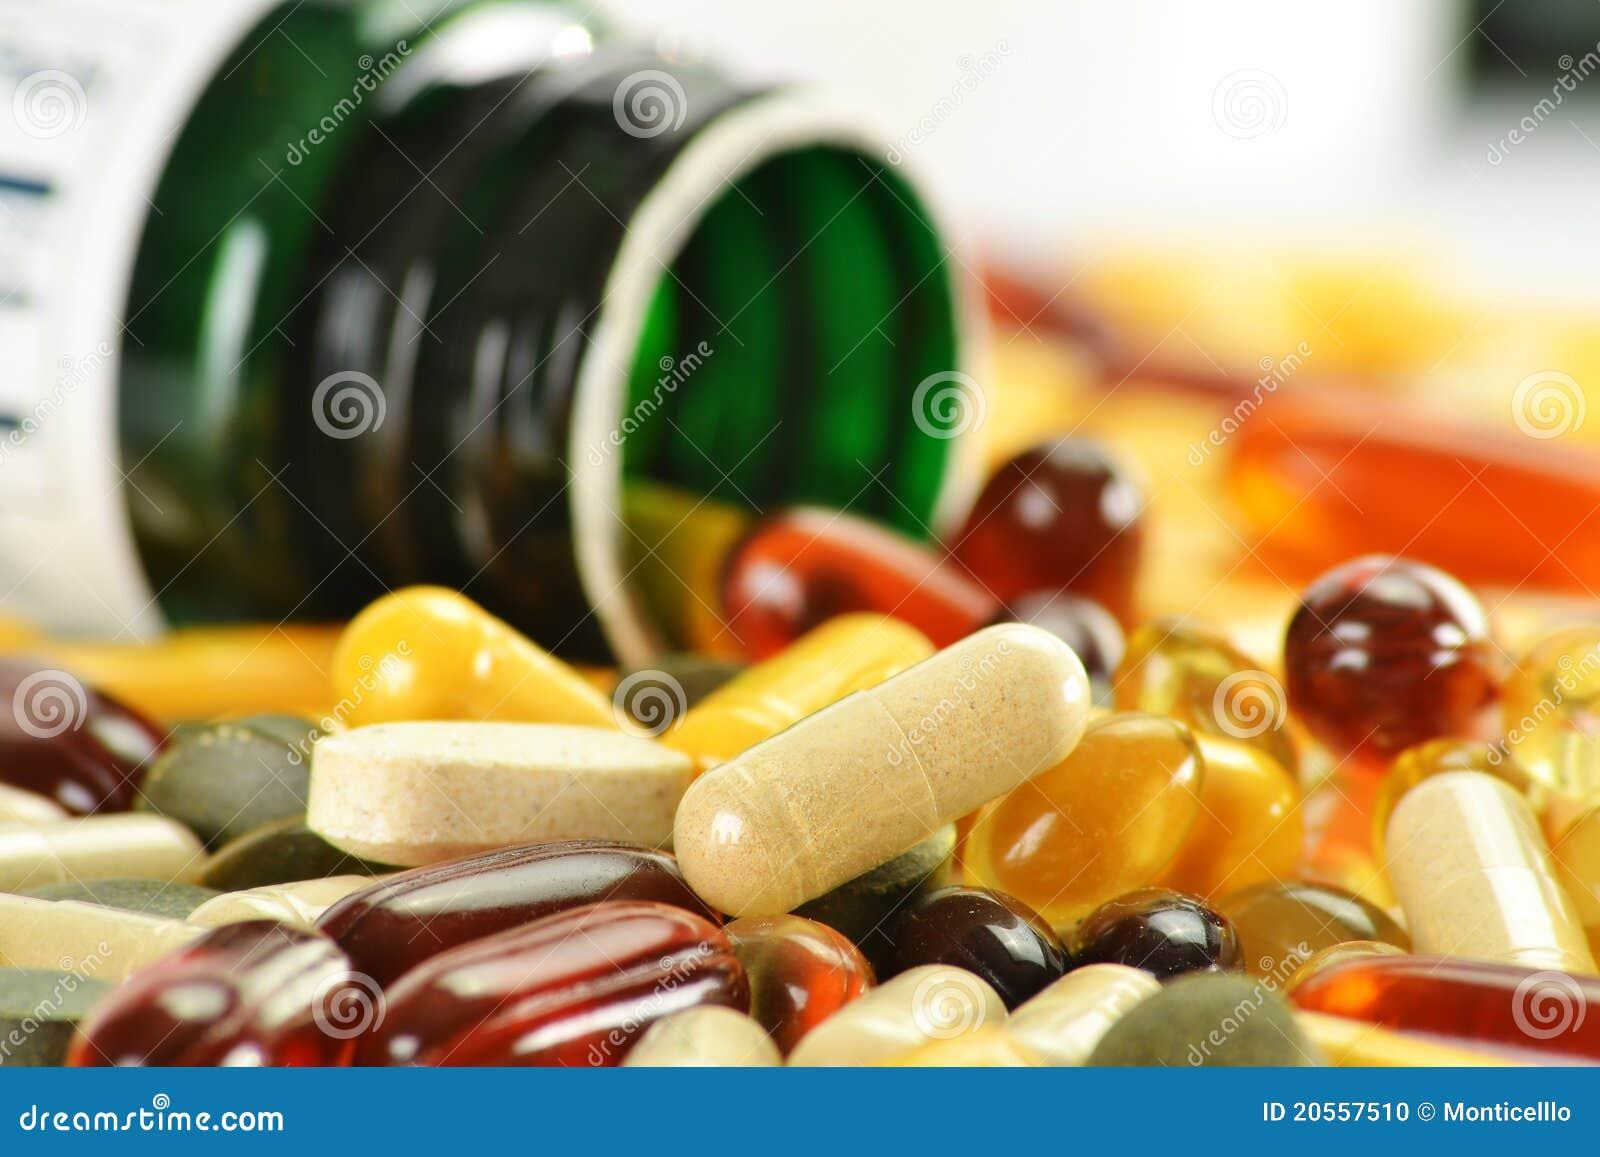 Diätetische Ergänzungskapseln und -behälter